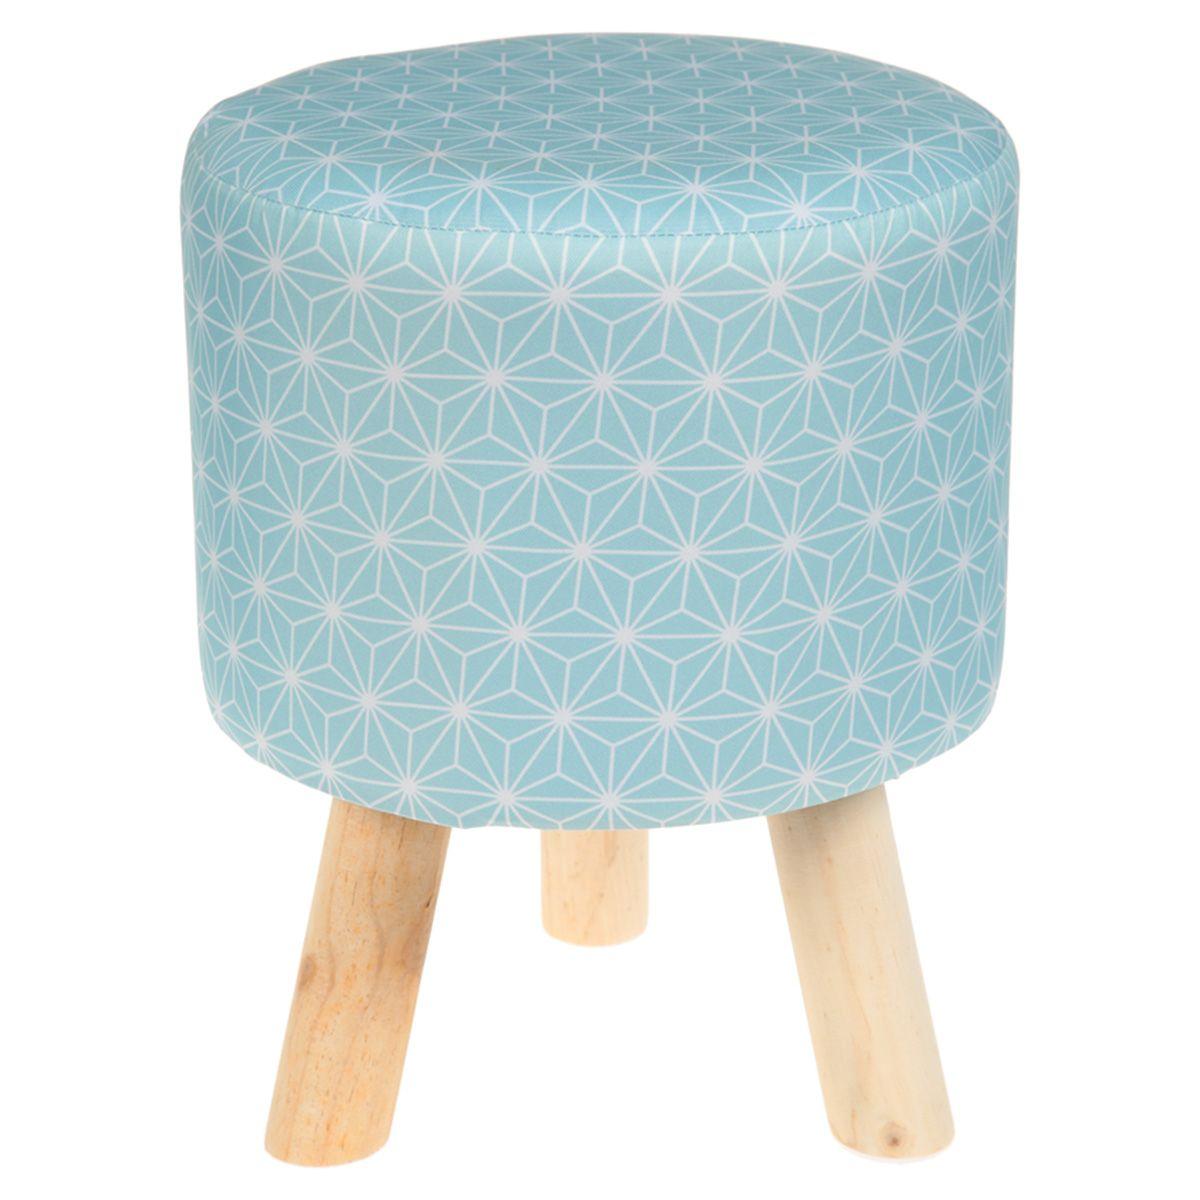 pouf rond trois pieds bois 31 x h 38 cm asahona pinterest poufs and ottomans. Black Bedroom Furniture Sets. Home Design Ideas